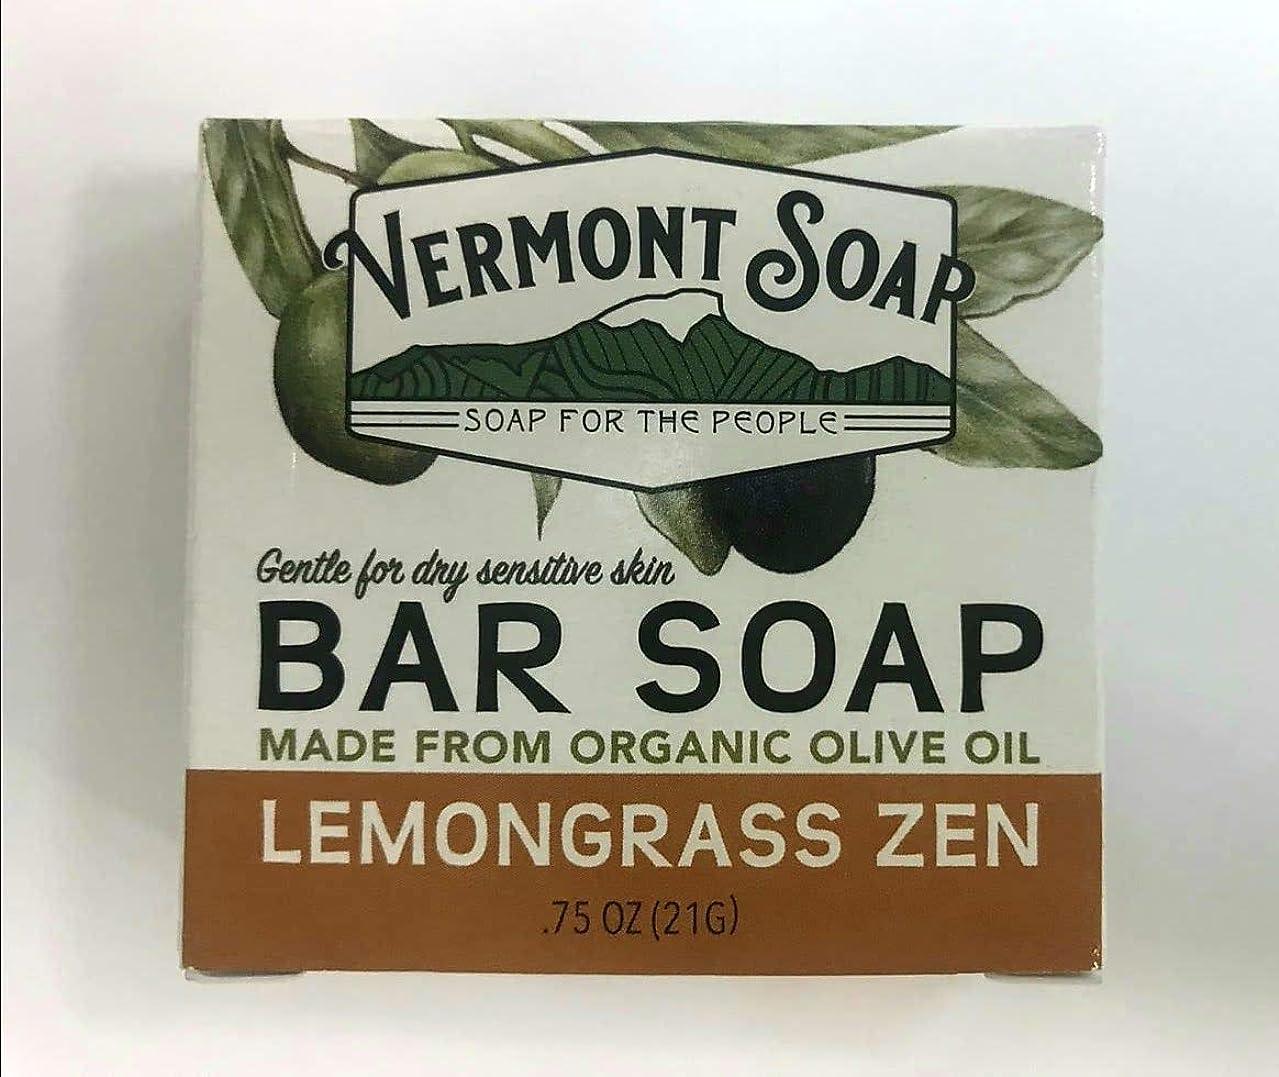 地元フレキシブルマイコンVermontSoap バーモントソープ トラベルサイズ 2種類 (レモングラス) 21g オーガニック石けん 洗顔 ボディー